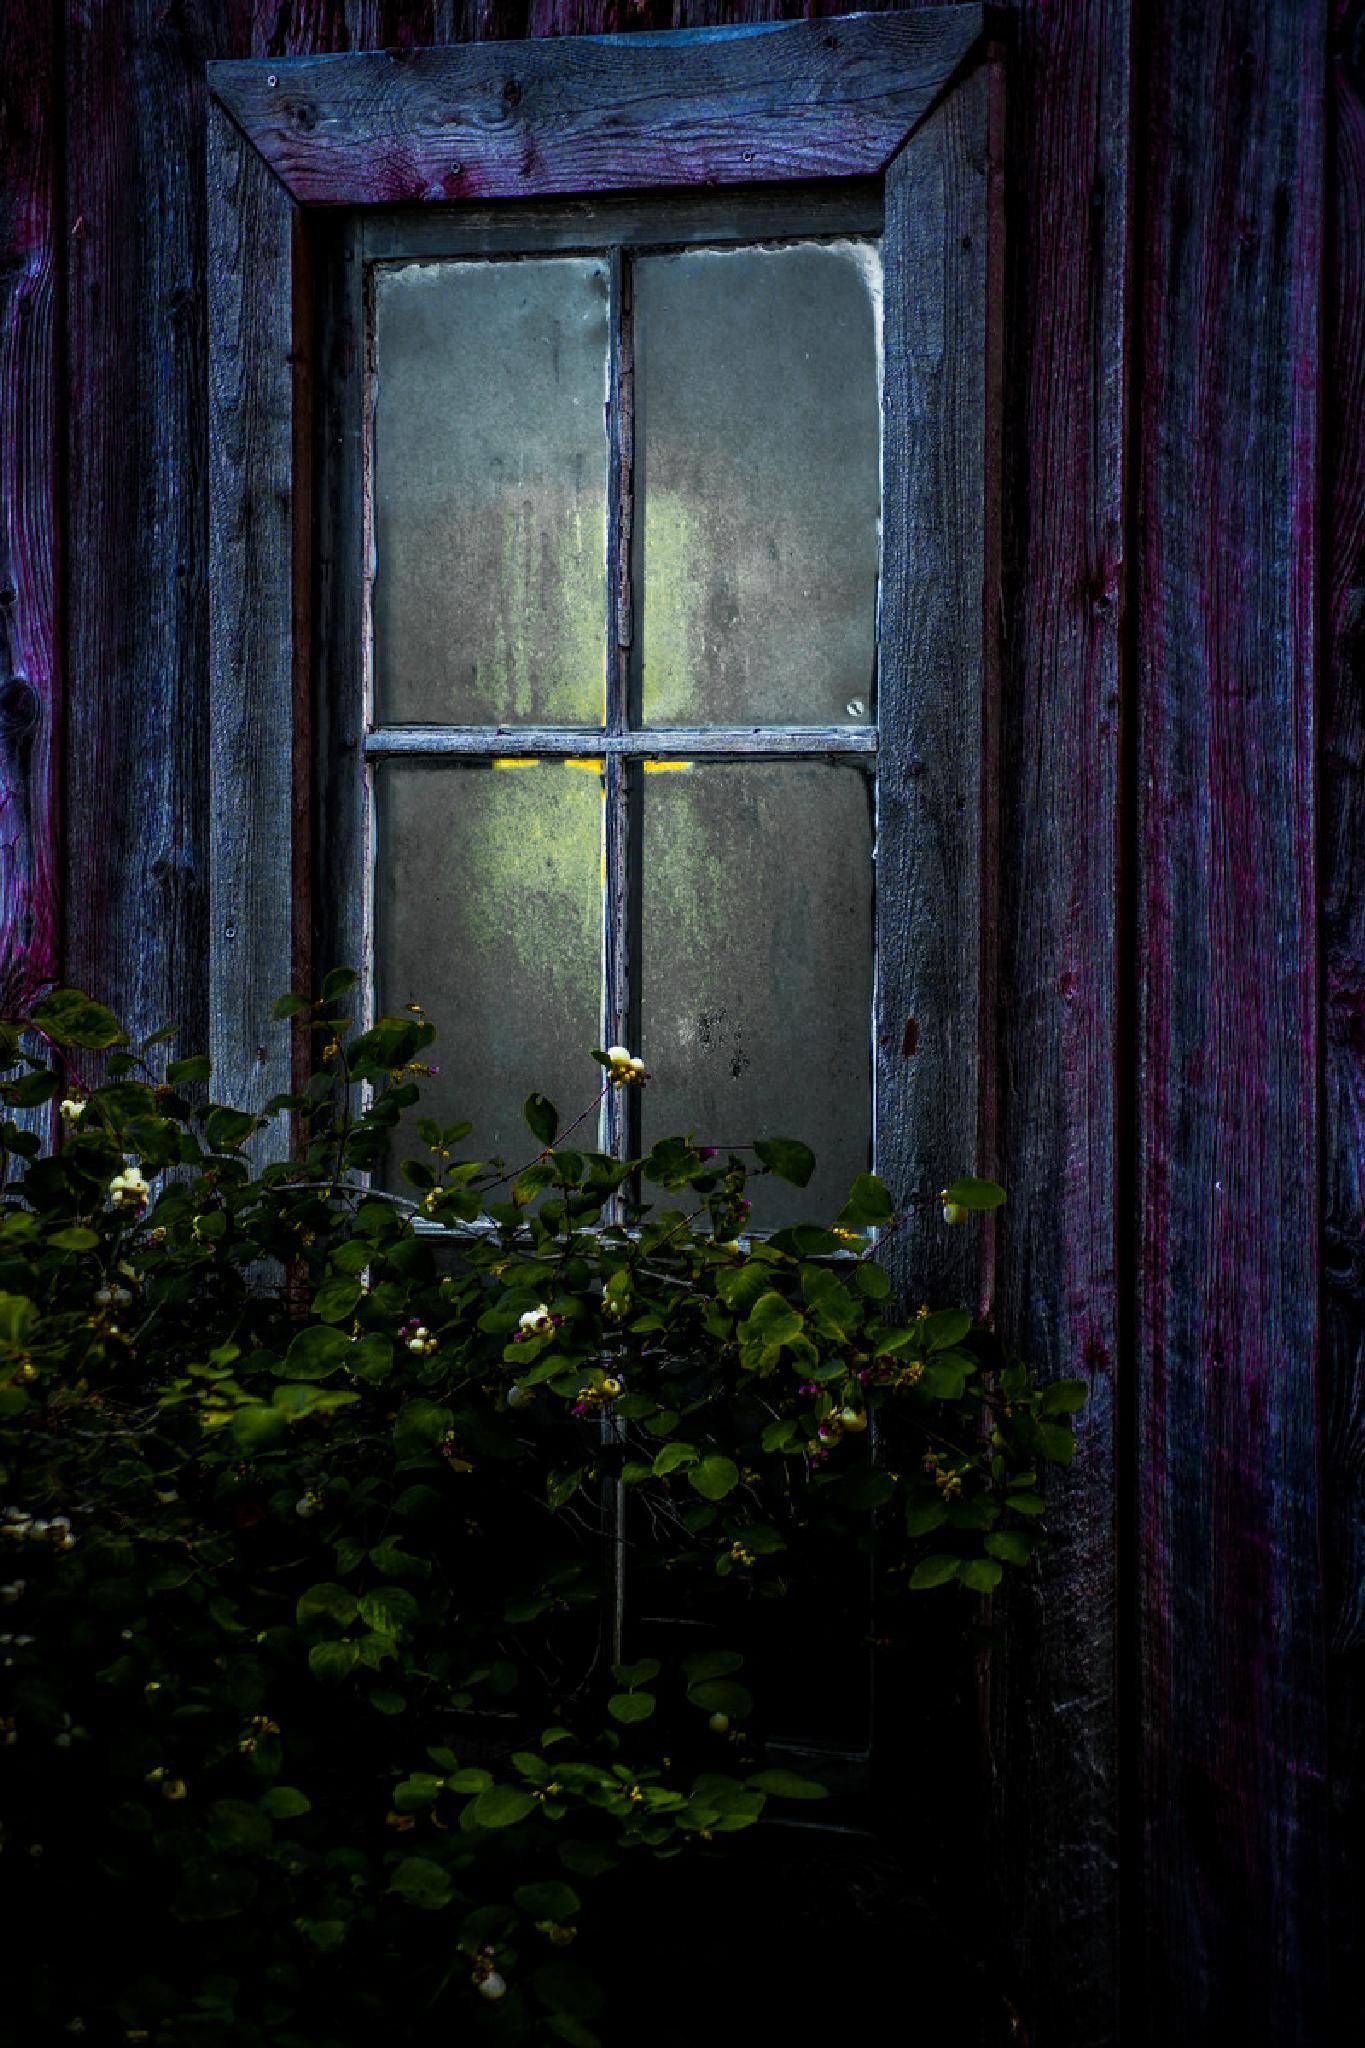 Forgotten windows by Jane.lindbladh